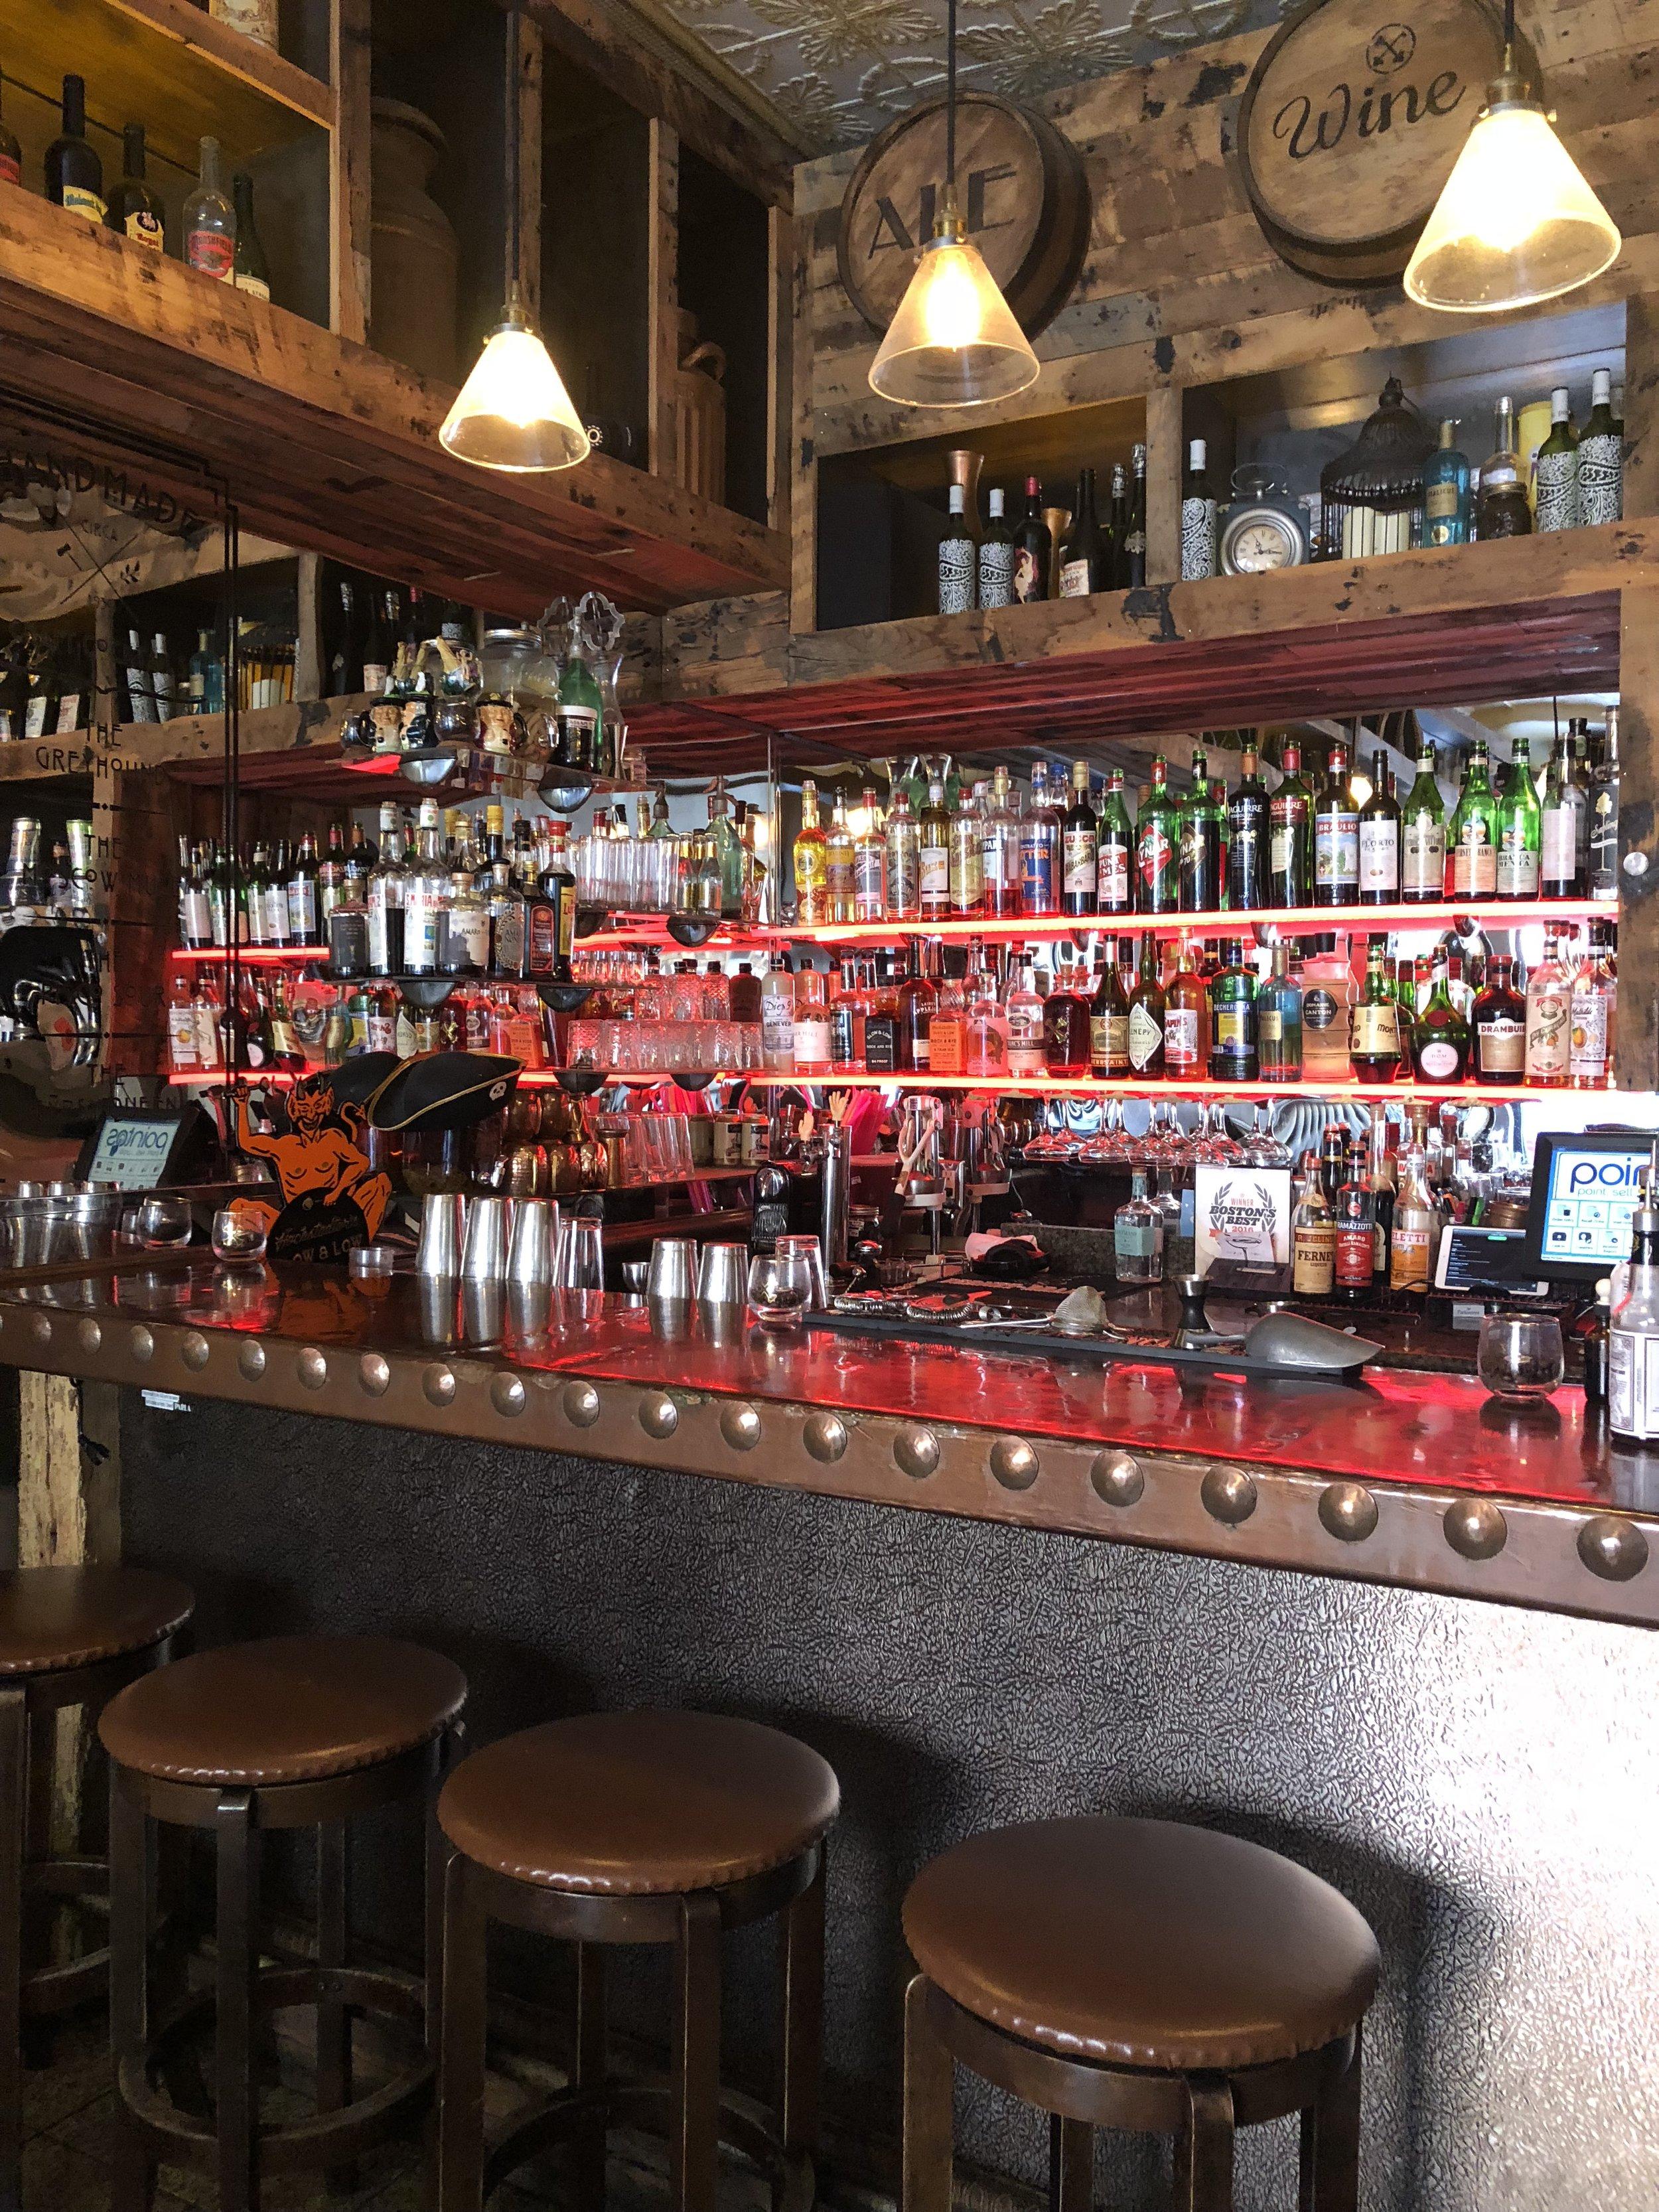 The Bar at Parla